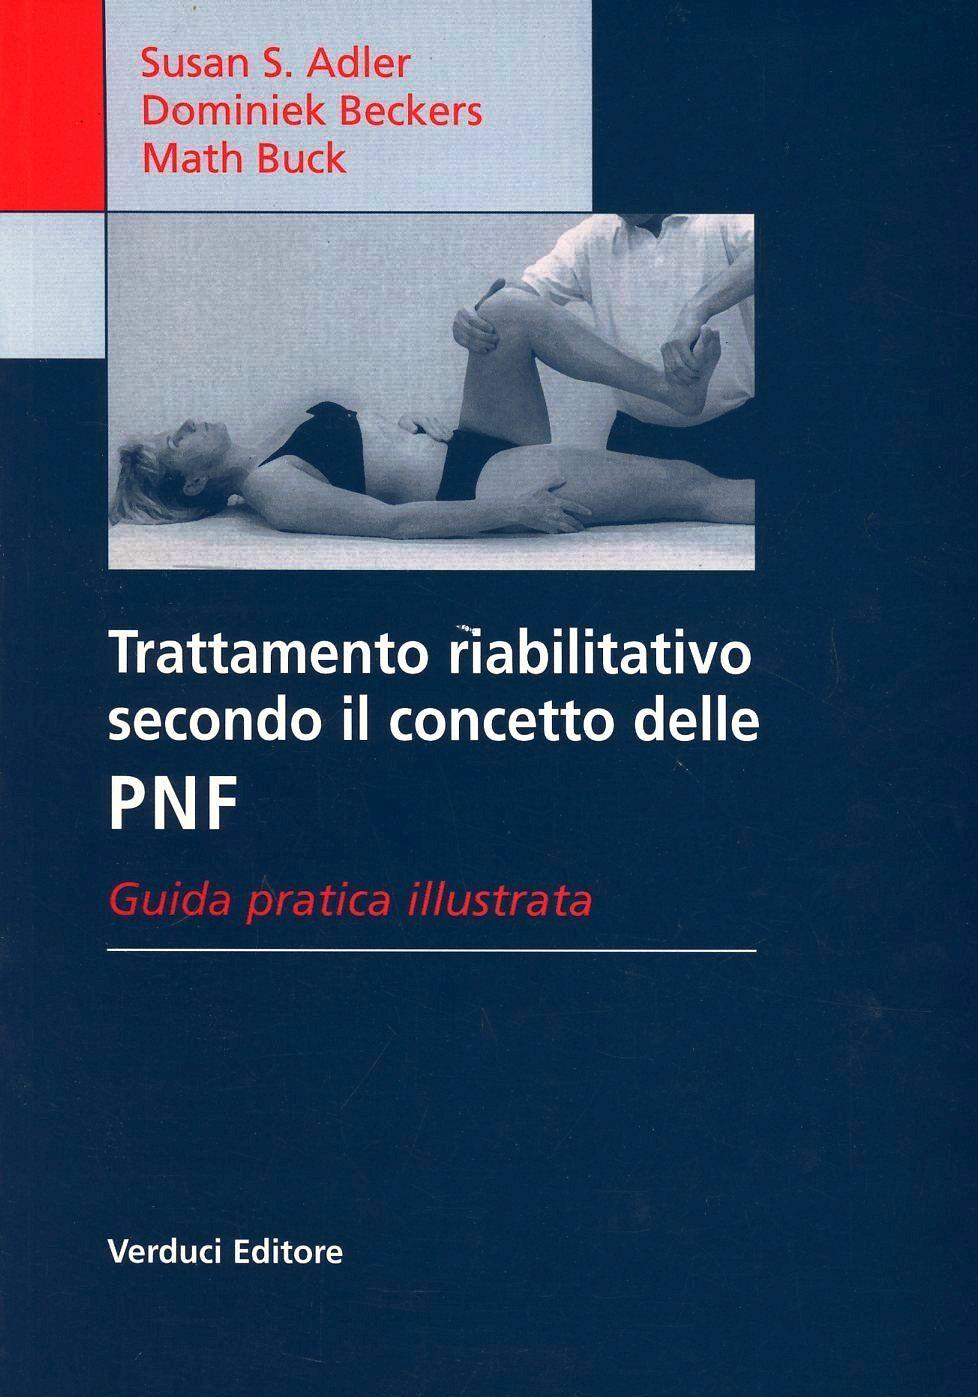 Trattamento riabilitativo secondo il concetto delle PNF